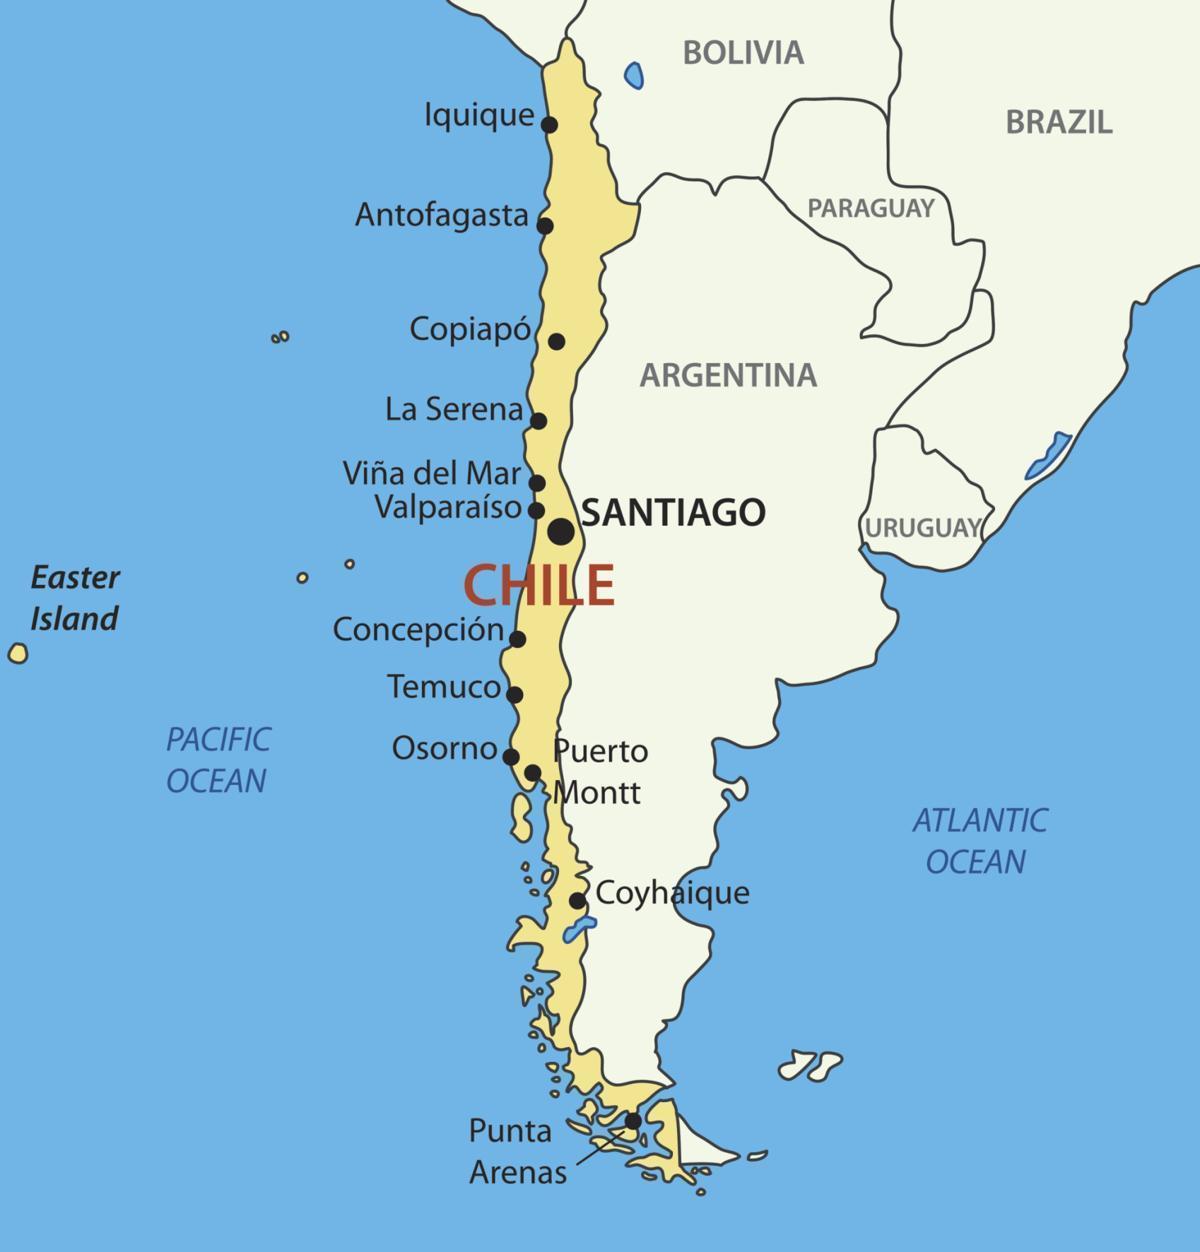 Il cile, paese sulla mappa - Mappa del Cile paese (America del Sud -  America)